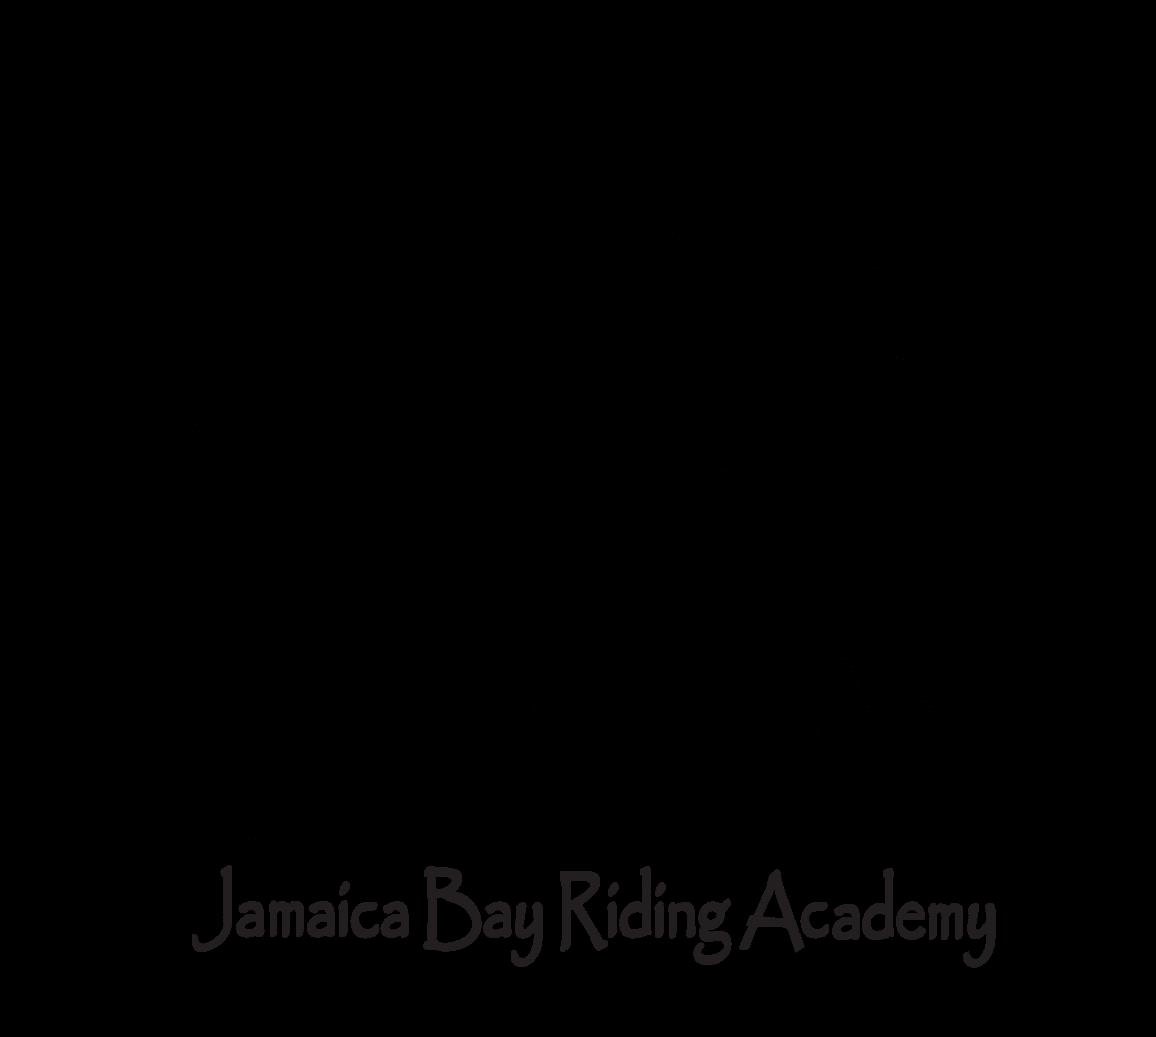 Jamaica Bay Riding Academy logo